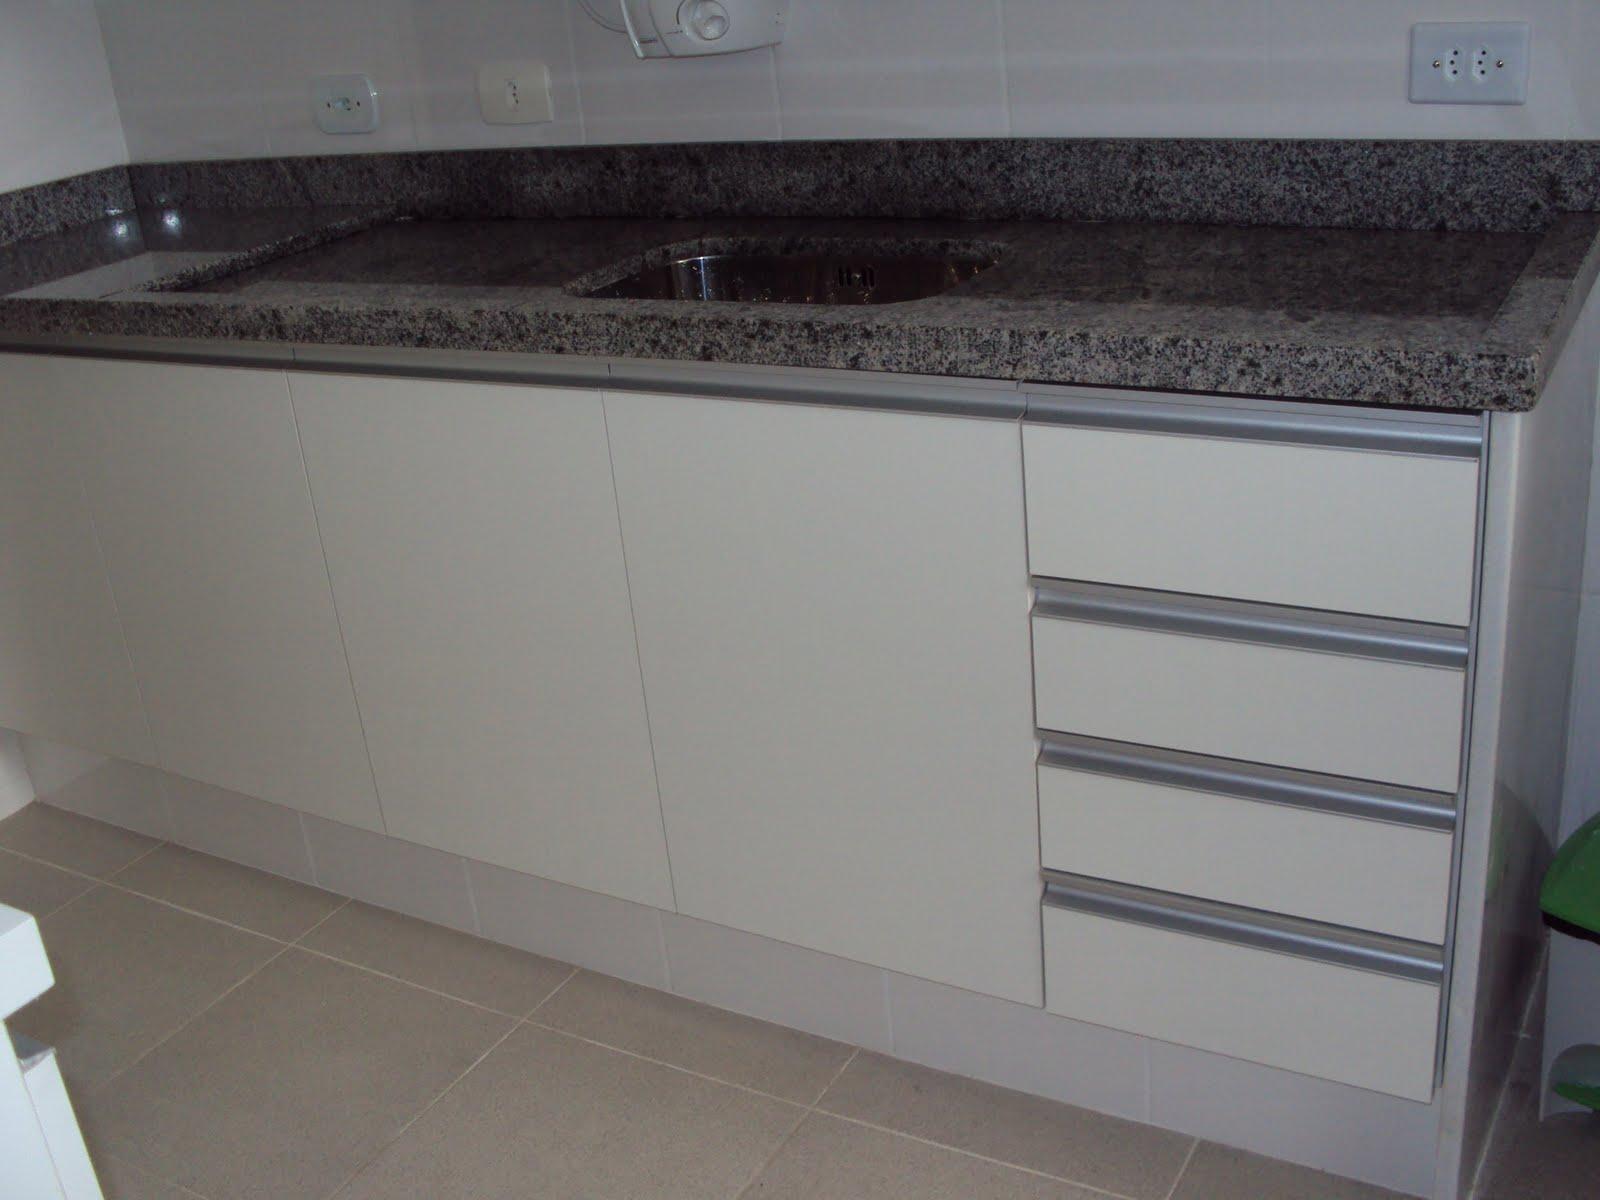 #4E6D7D ROBERTO MEIRELES PROJETOS E CONSTRUÇÕES: Reforma total de cozinha 1600x1200 px Projetos De Cozinha Mdf #365 imagens